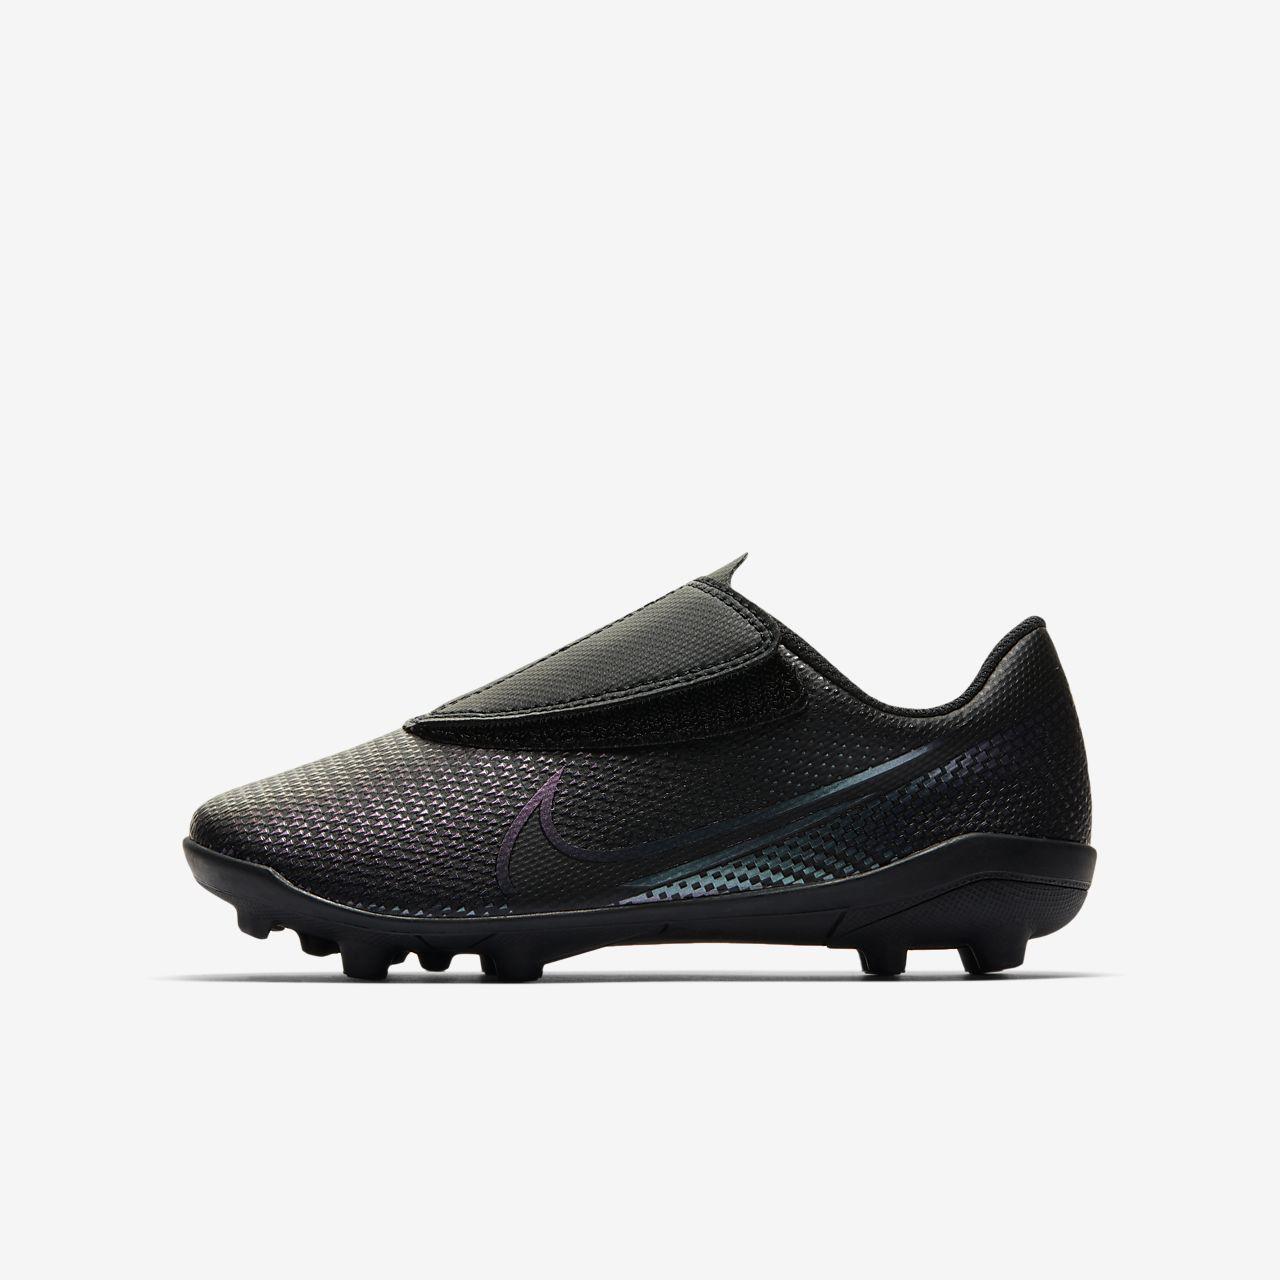 Chuteiras de futebol multiterreno Nike Jr. Mercurial Vapor 13 Club MG para bebécriança